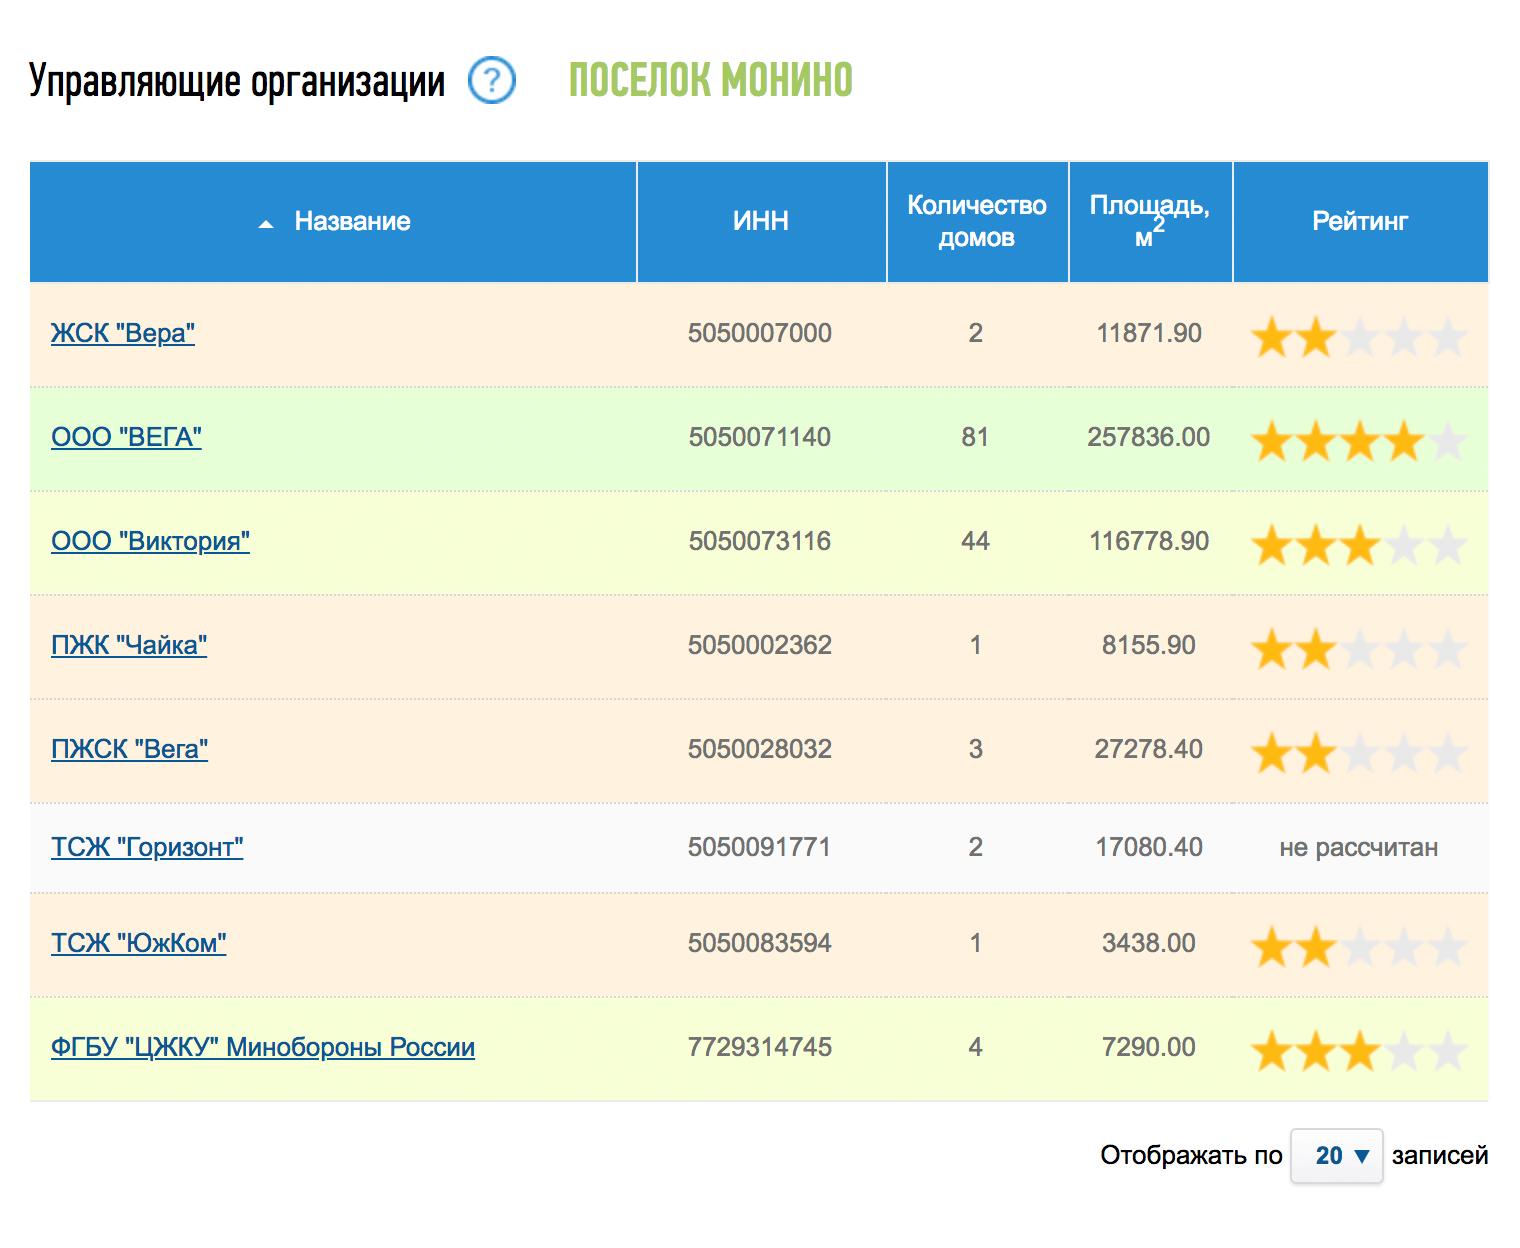 В подмосковном Монине целых восемь управляющих компаний